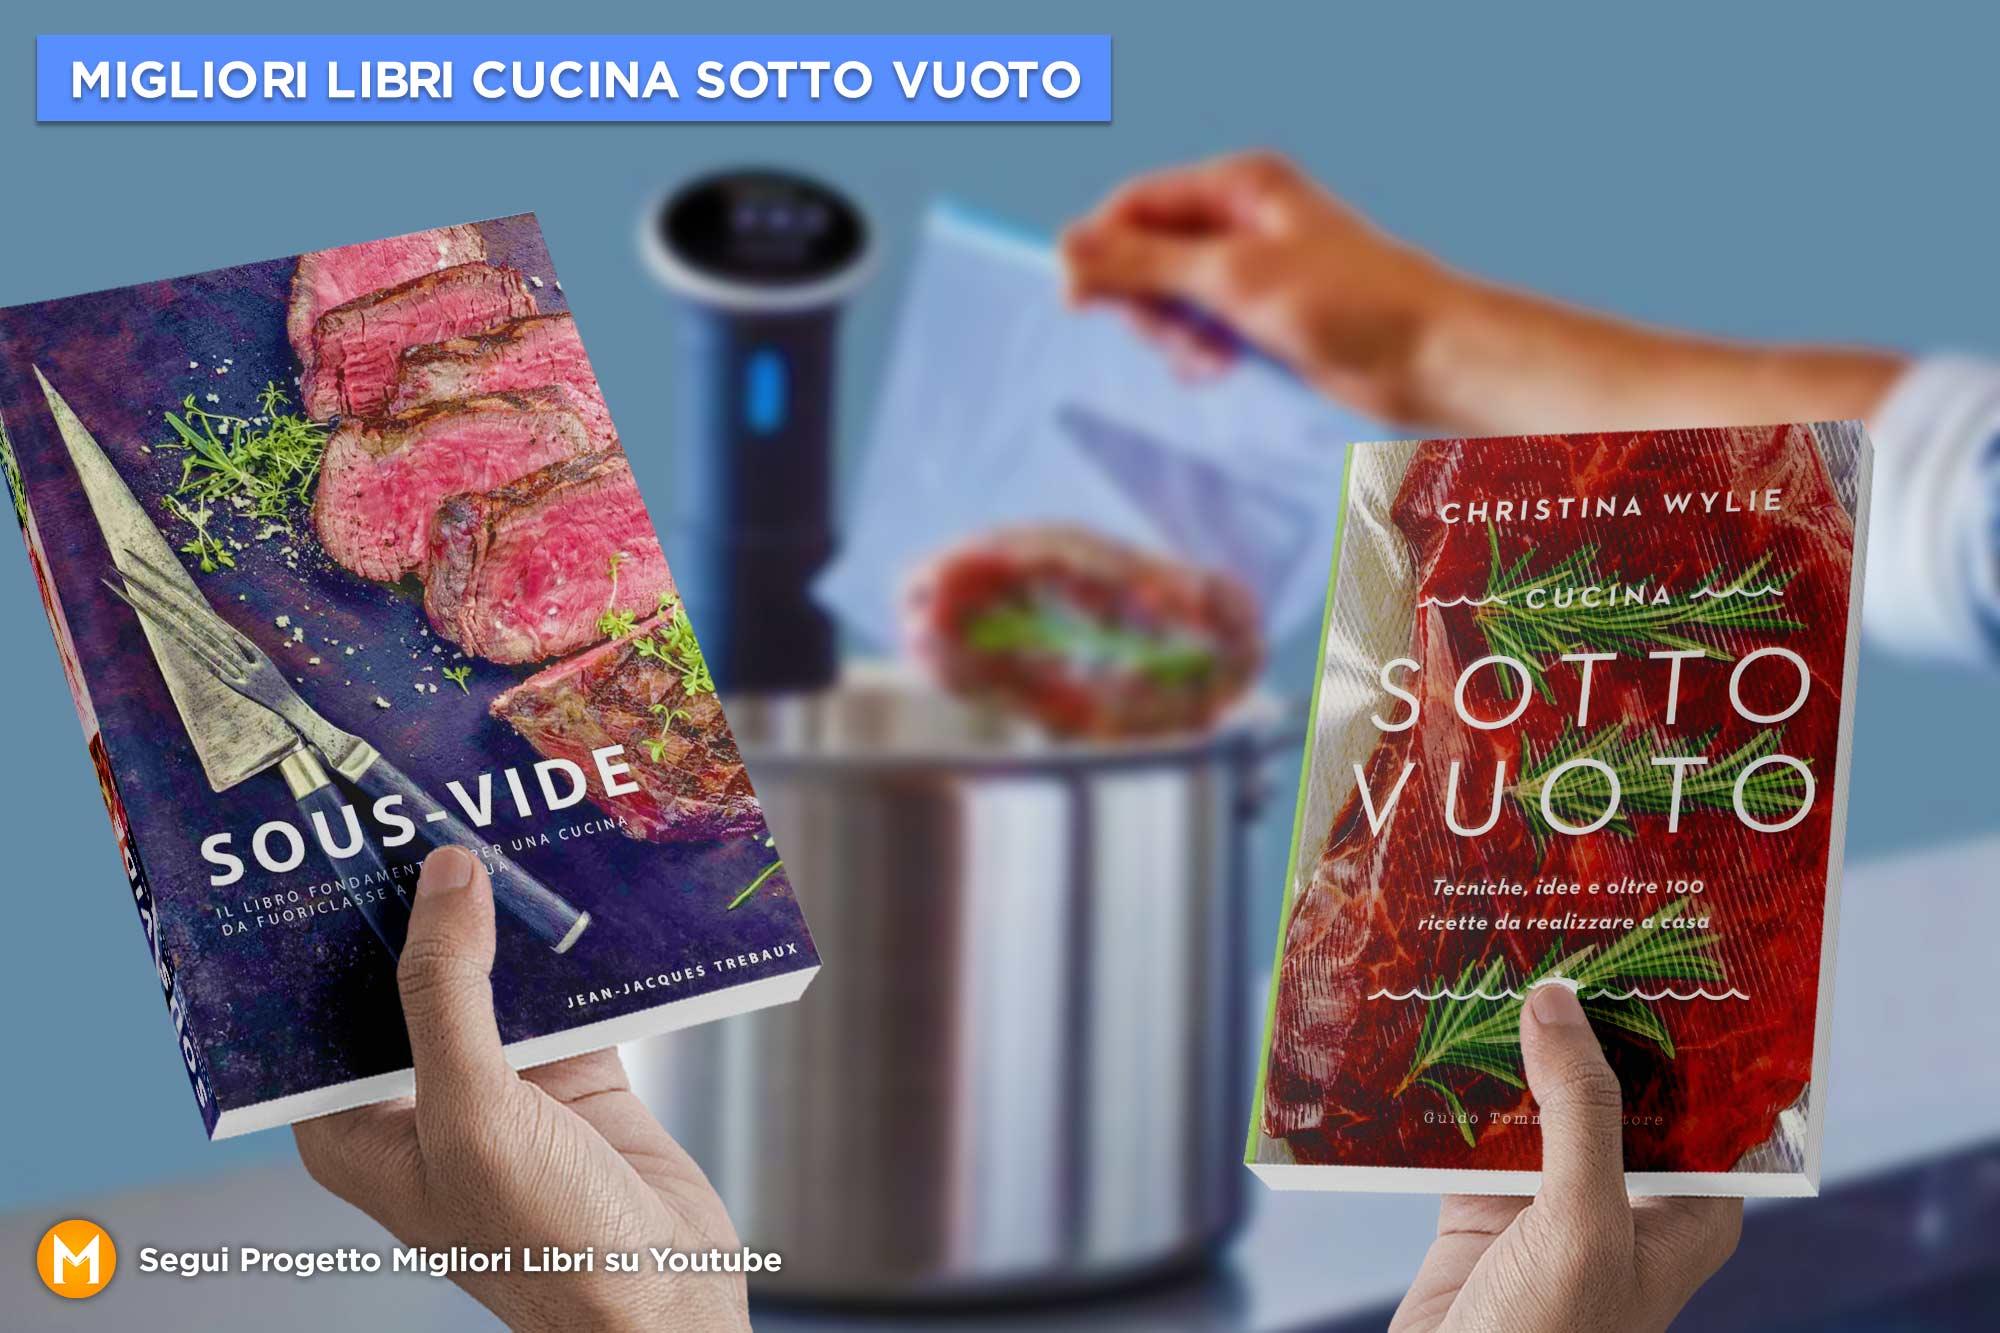 migliori-libri-sulla-cucina-sotto-vuoto